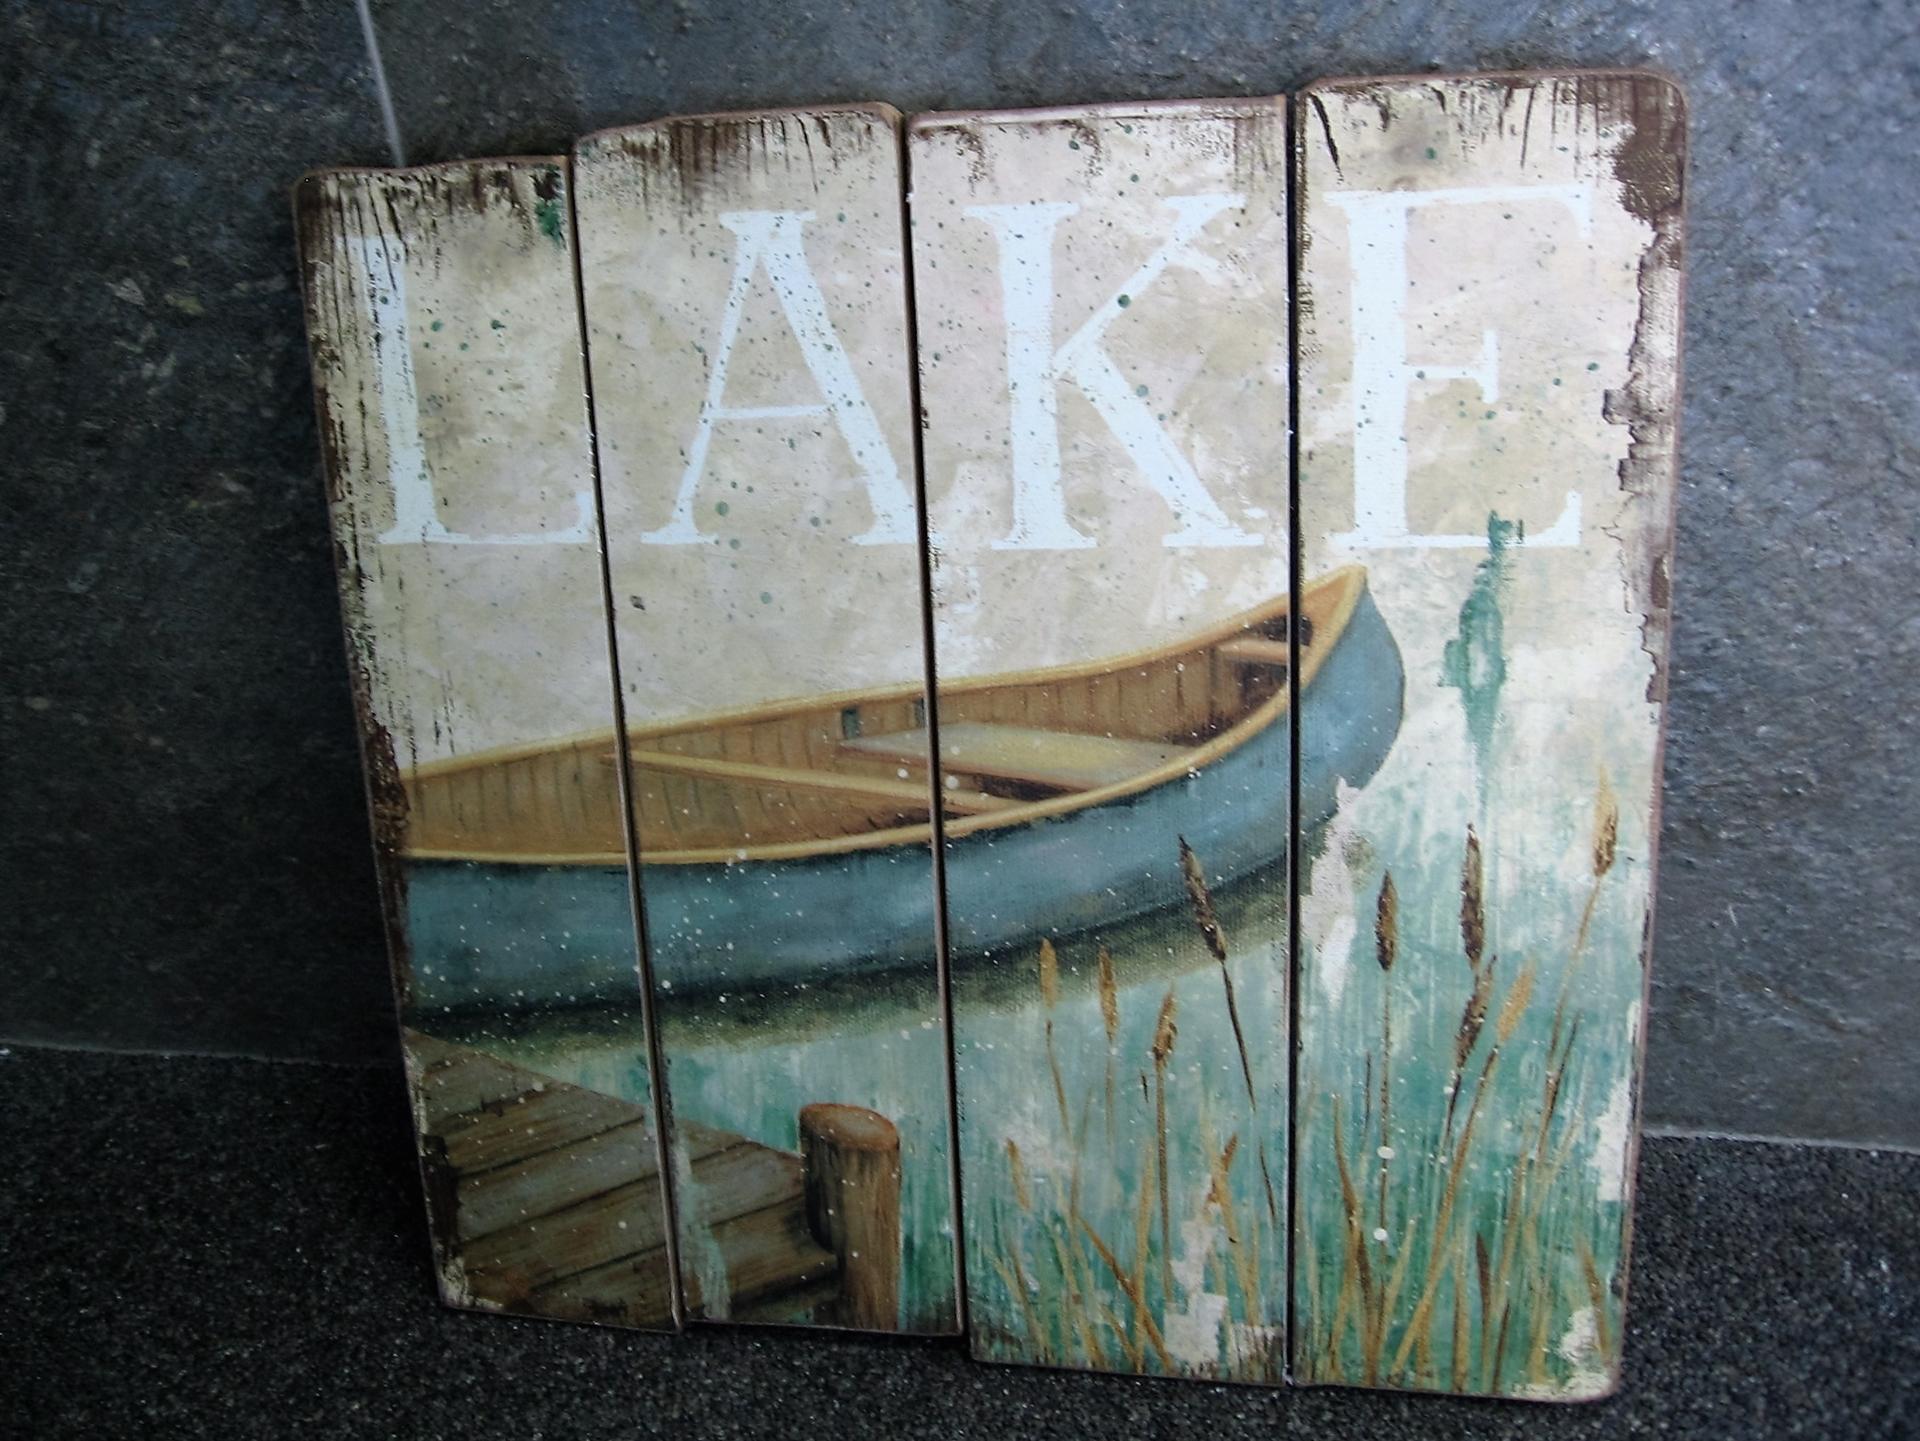 Cadres mural en bois image bord de lac centre d 39 achats en ligne ouvre - Cadre decoratif mural ...